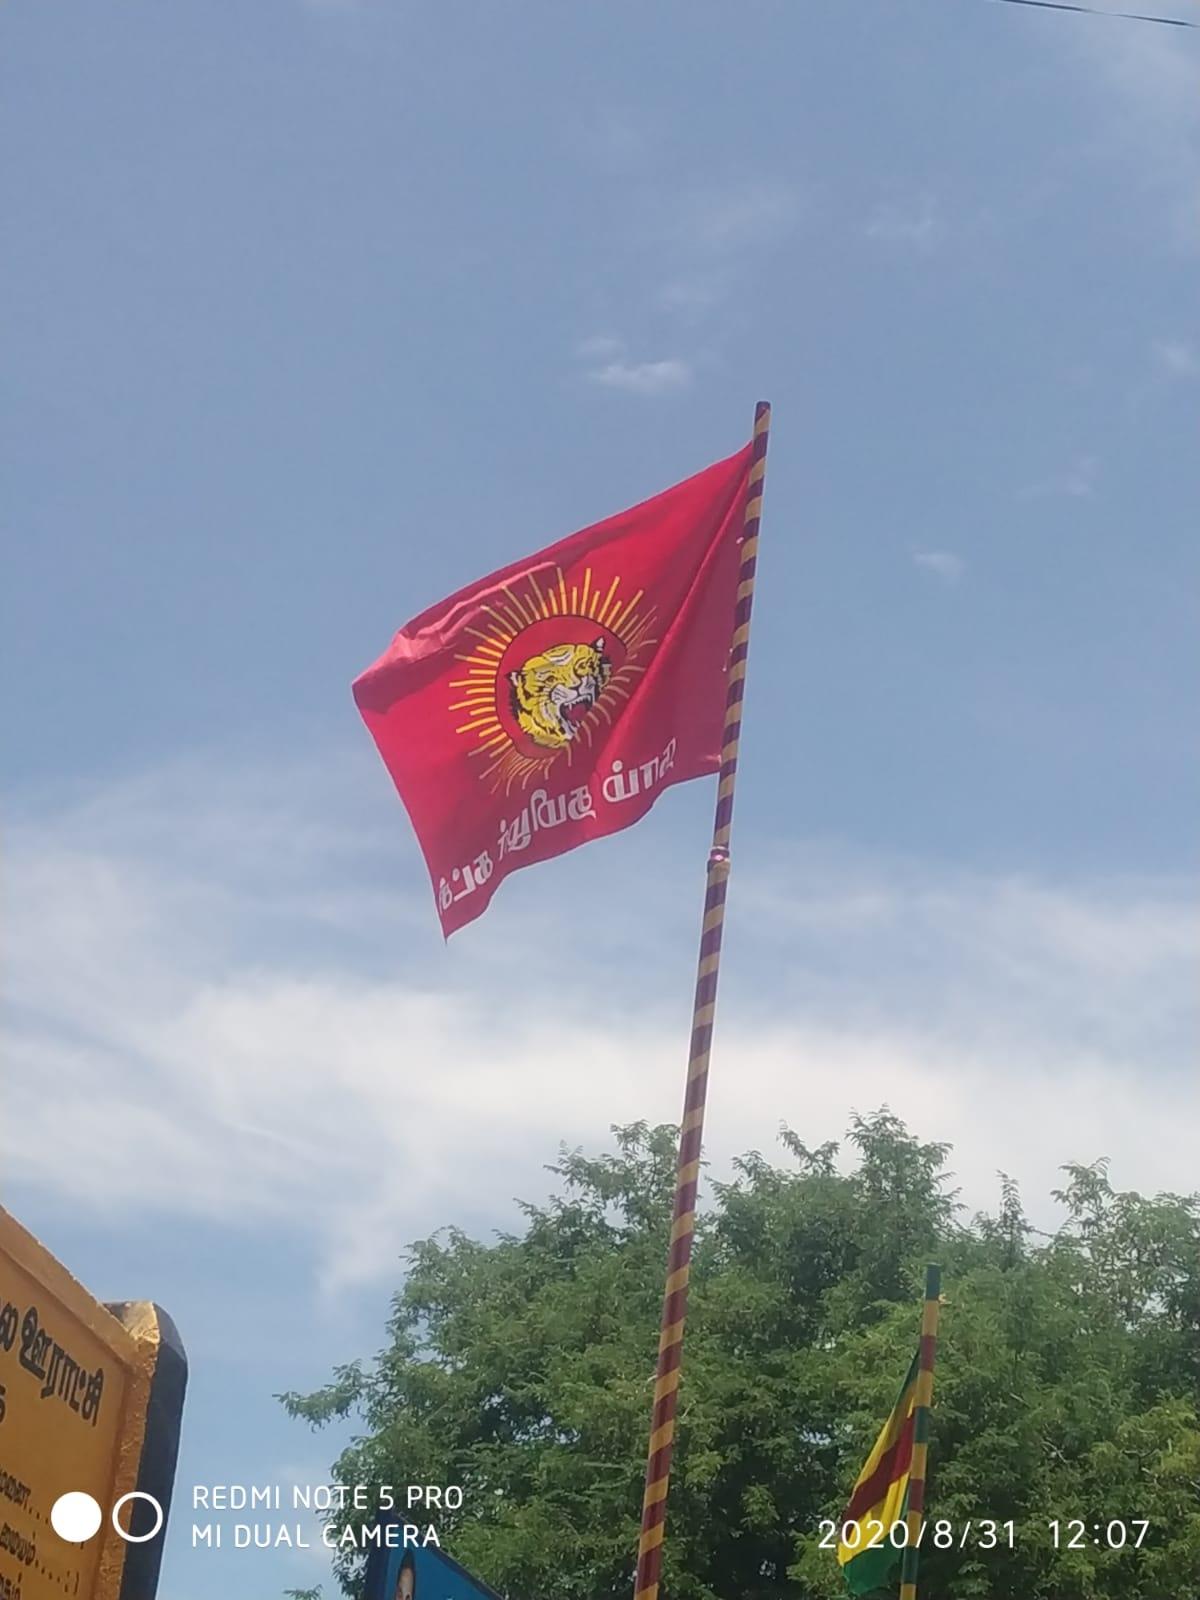 புலிக்கொடி கம்பம் நடும் நிகழ்வு - தருமபுரி